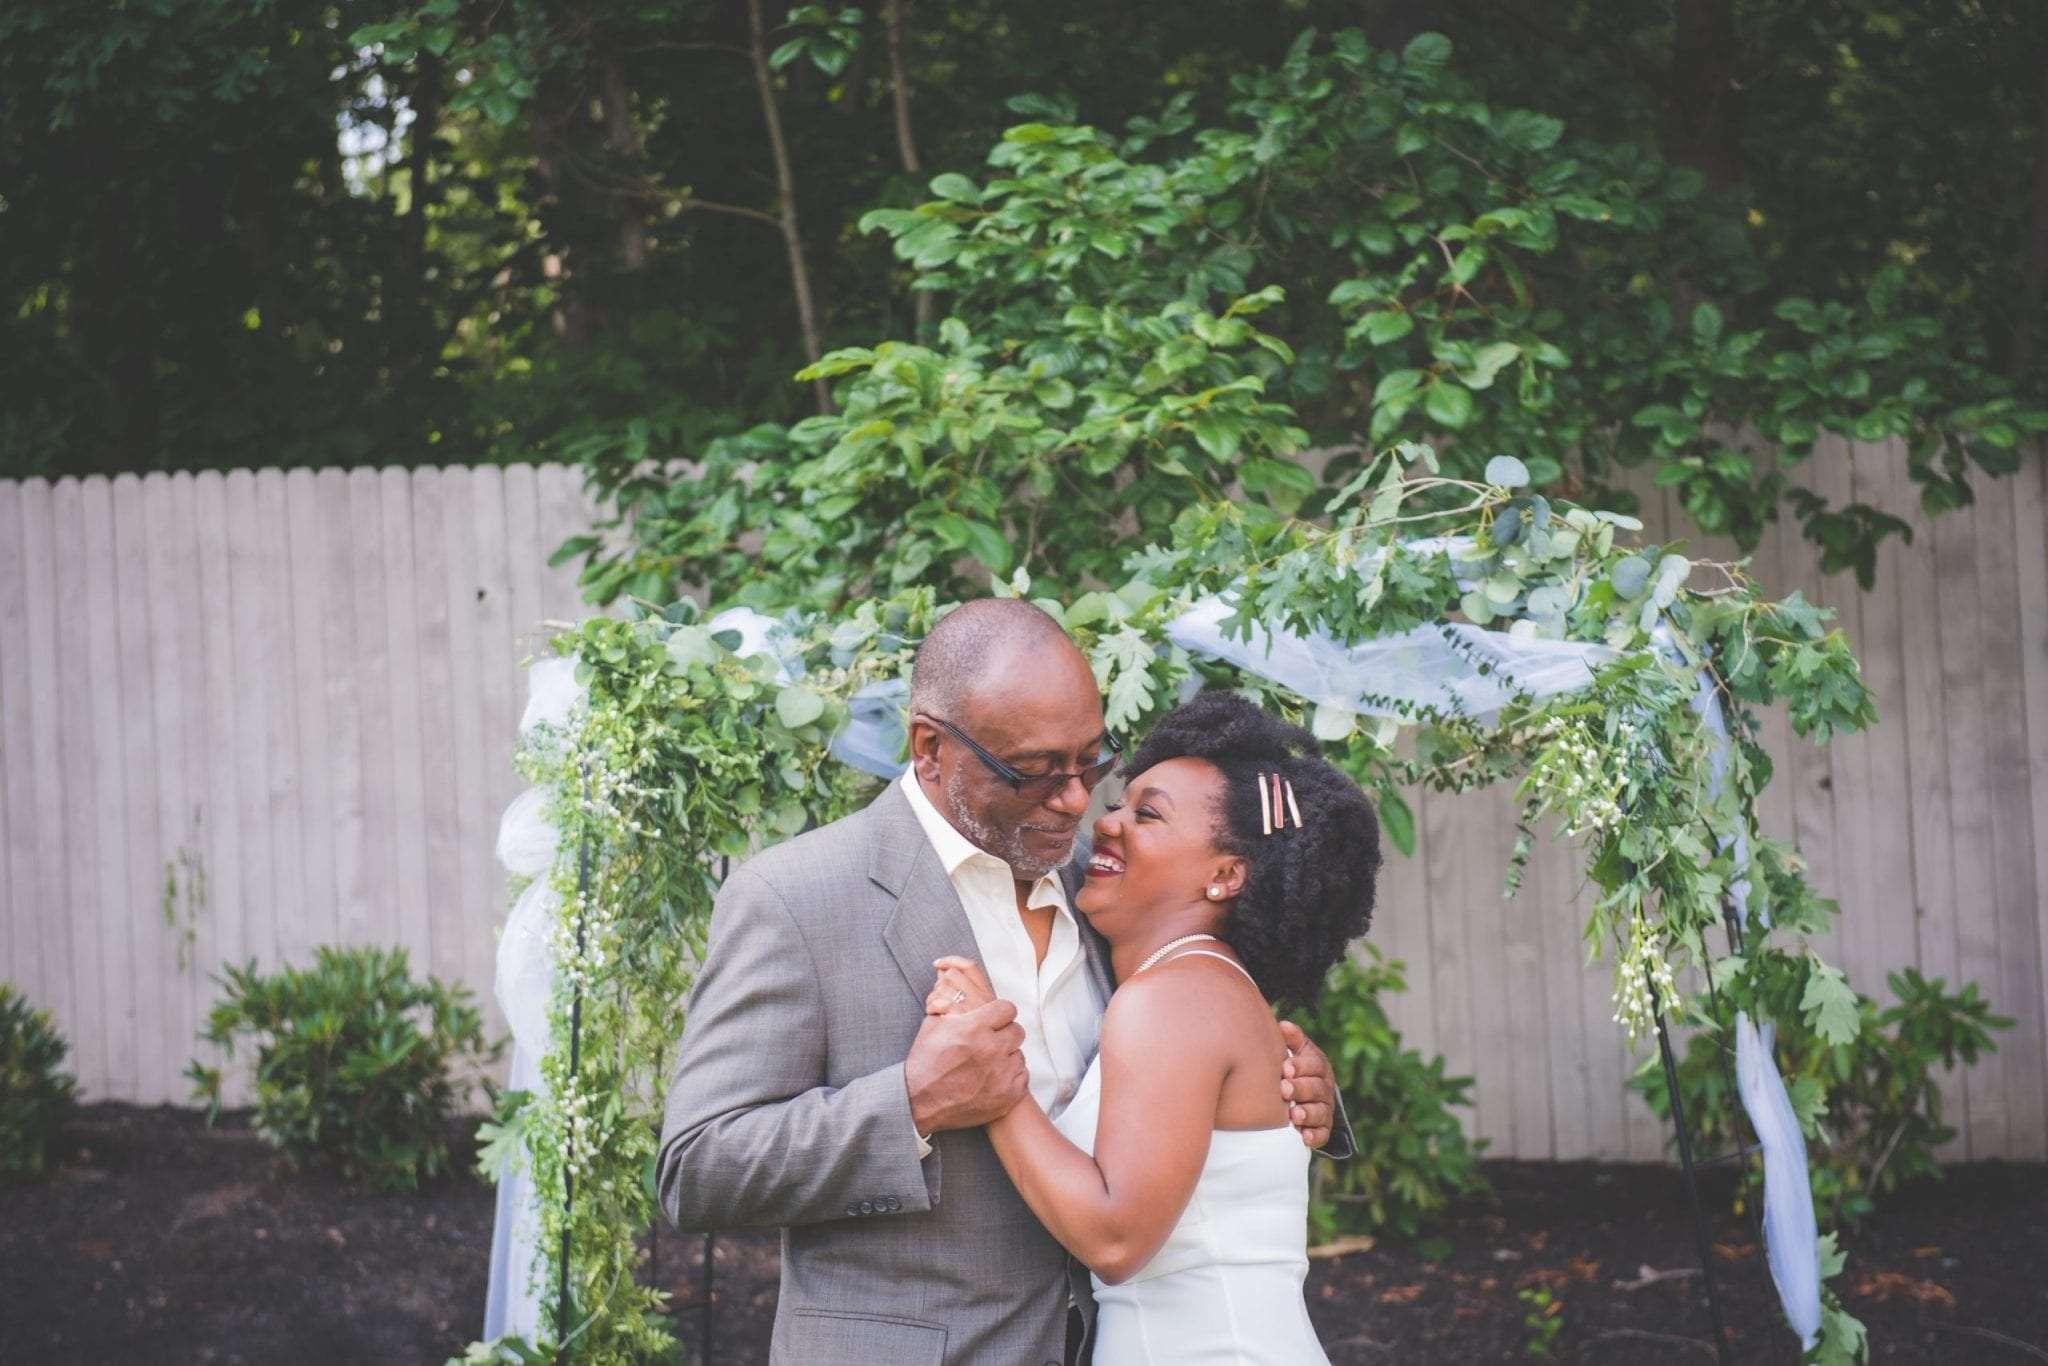 Bride dance with dad social distancing wedding in NJ